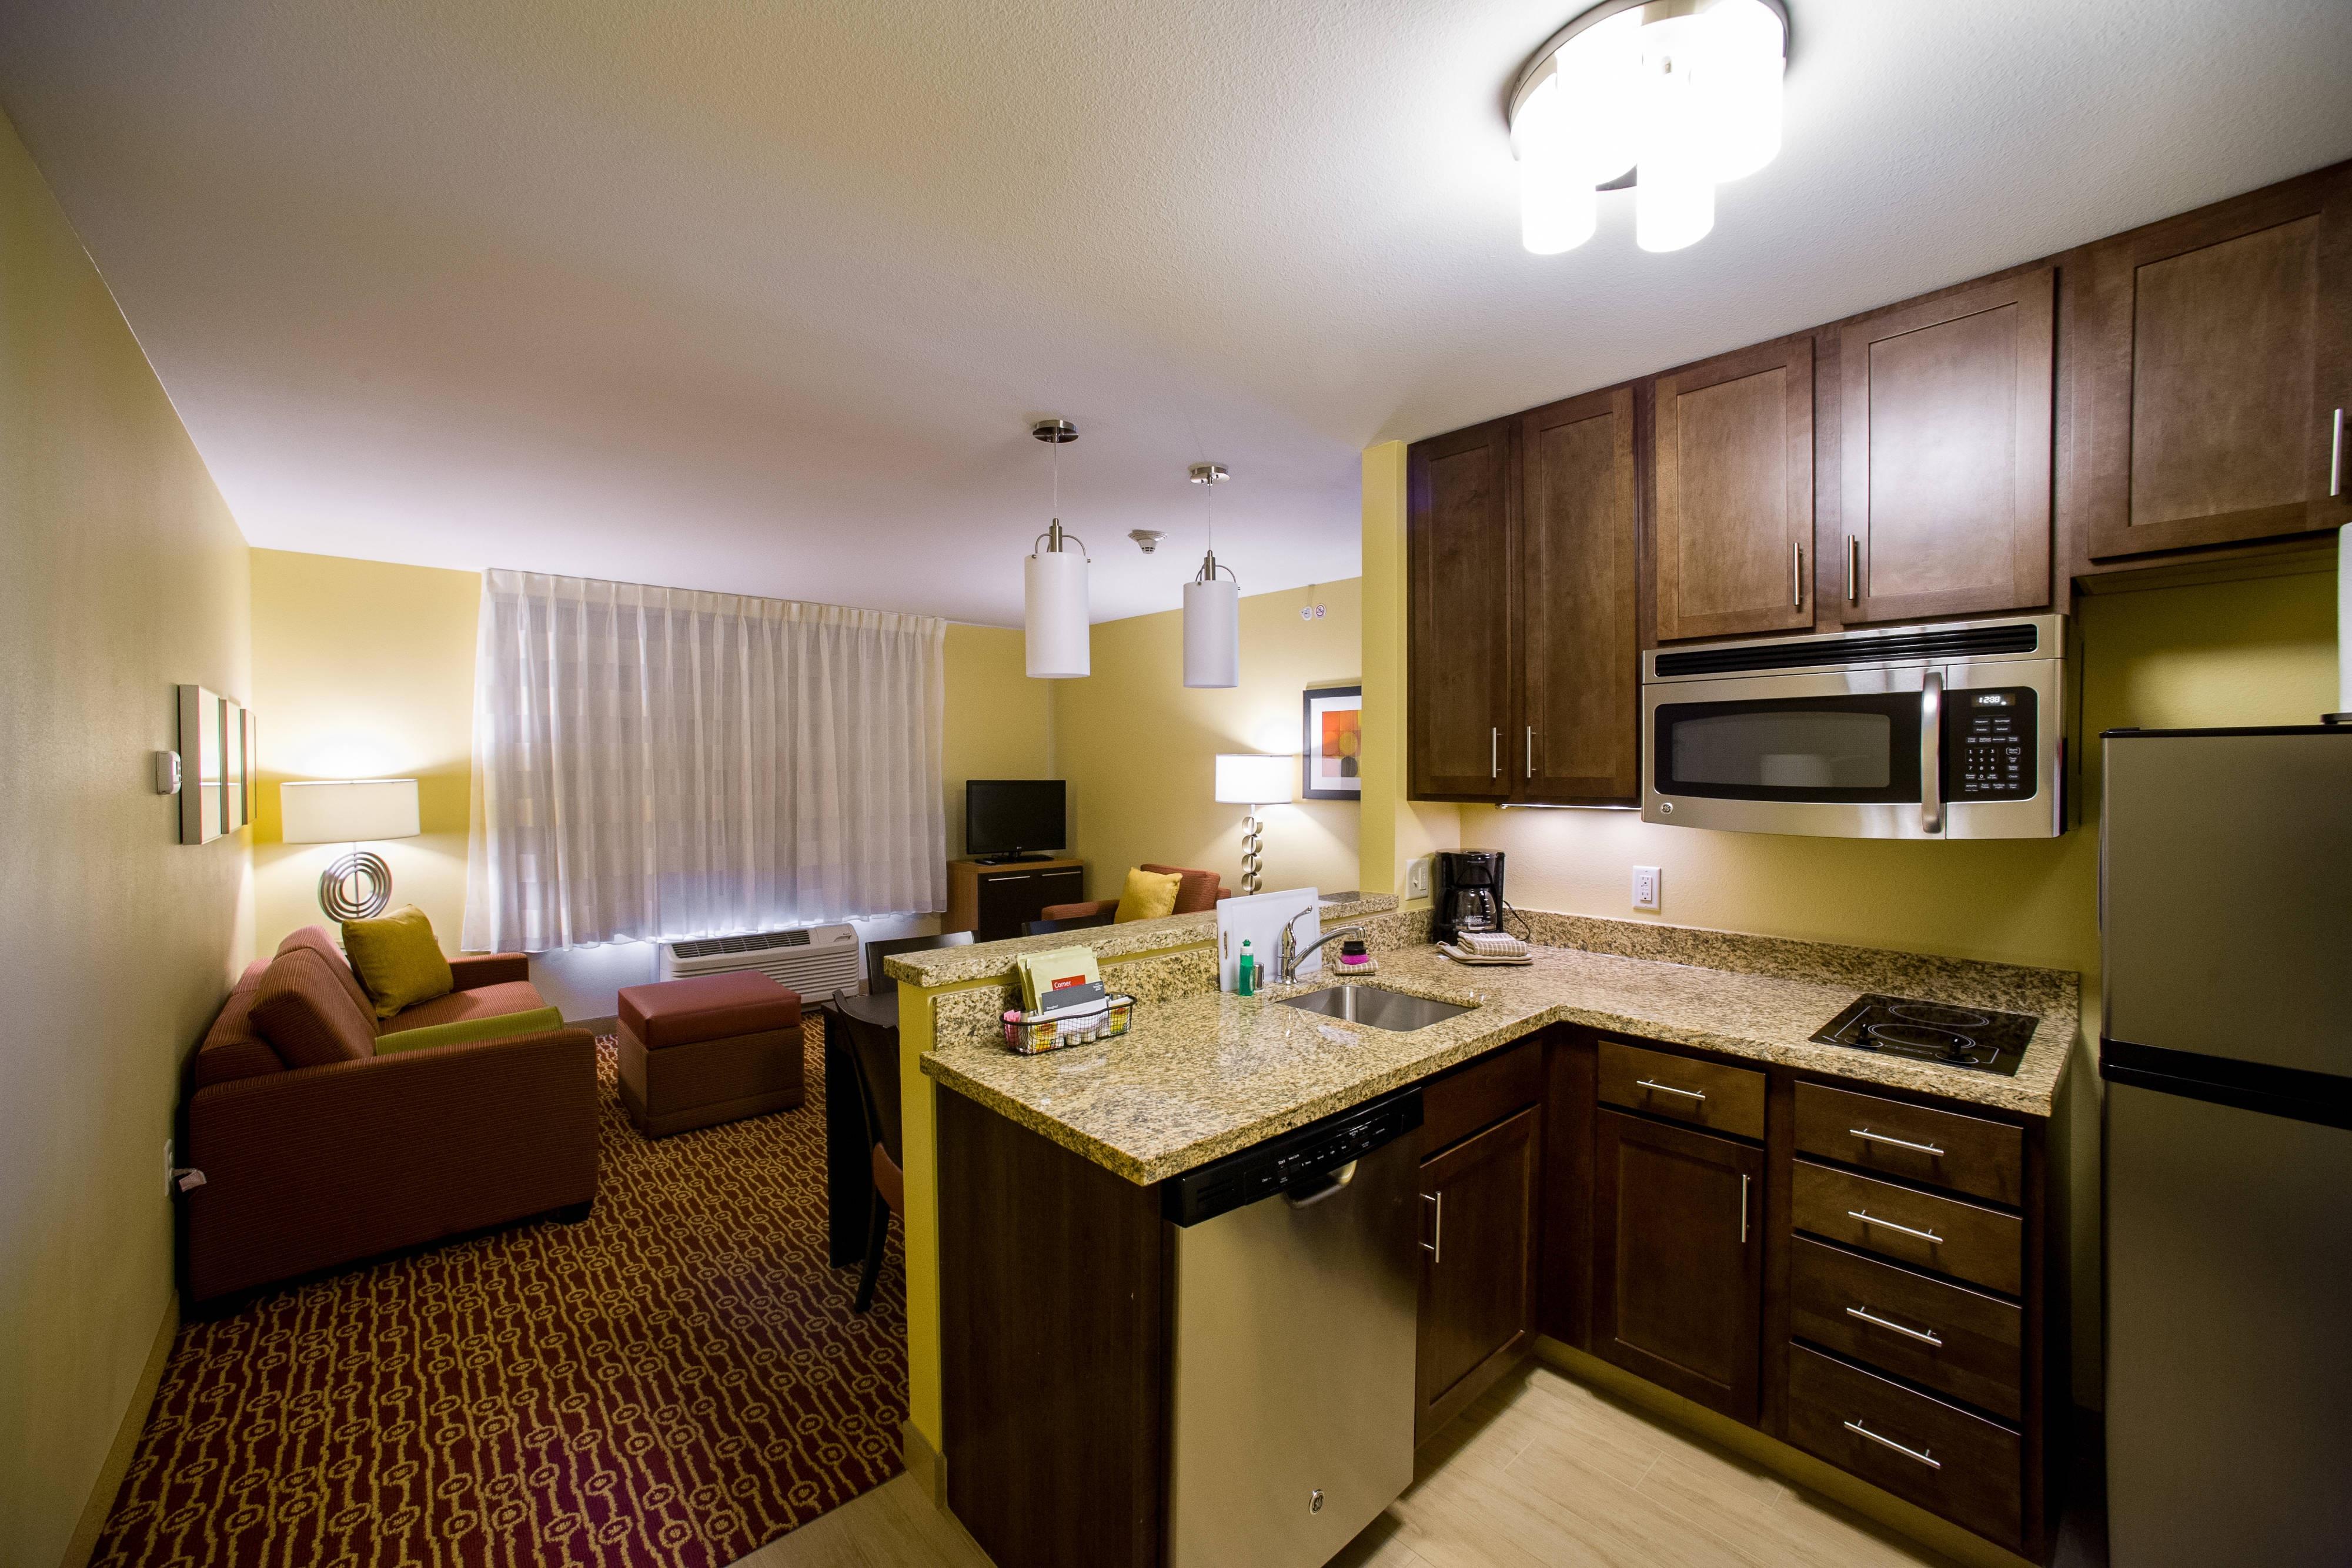 Cocina de la suite de dos dormitorios